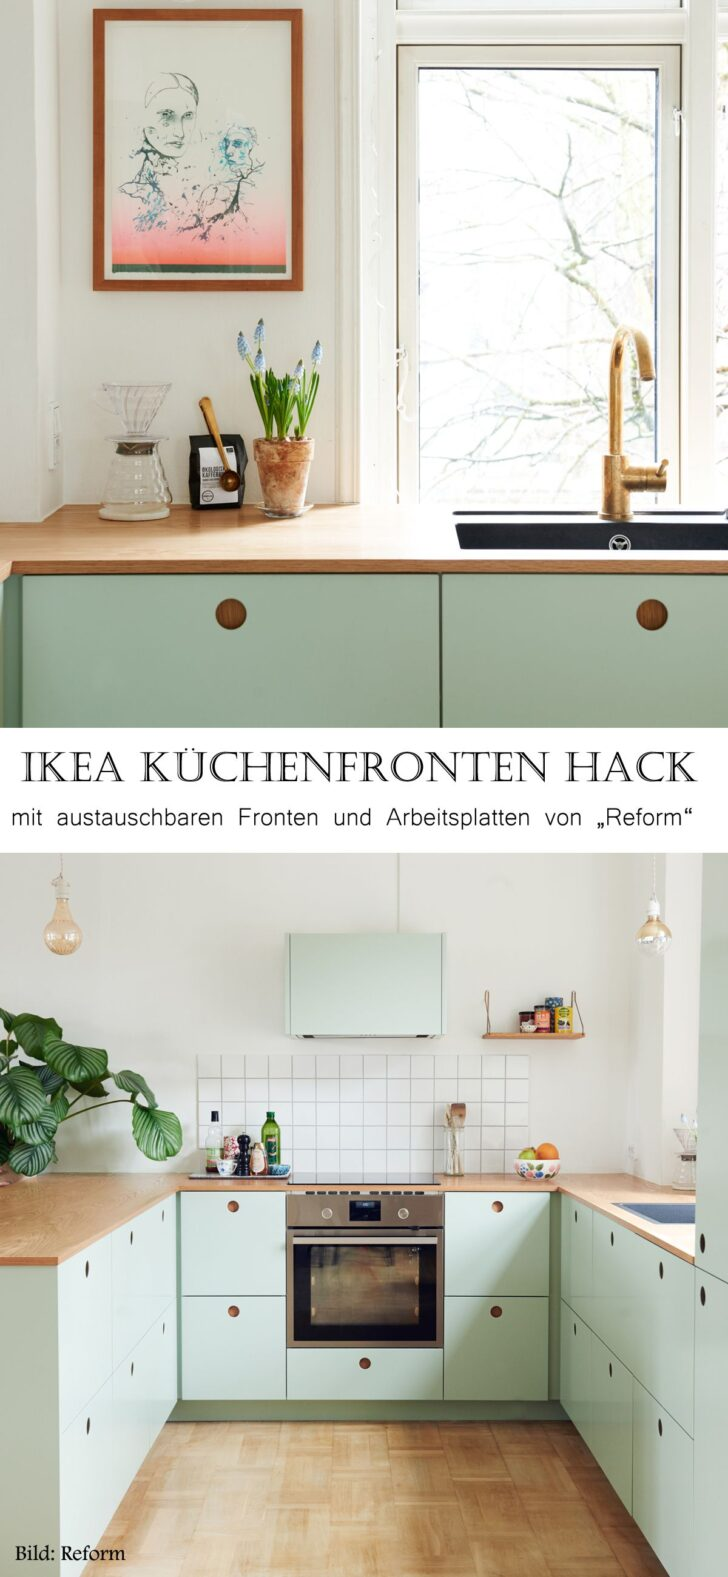 Ikea Kchenfronten Pimpen Mit Bildern Kchen Fronten Betten 160x200 L Küche E Geräten Eiche Anthrazit Holzofen Wandpaneel Glas Form Rosa Bartisch Wohnzimmer Küche Selber Bauen Ikea